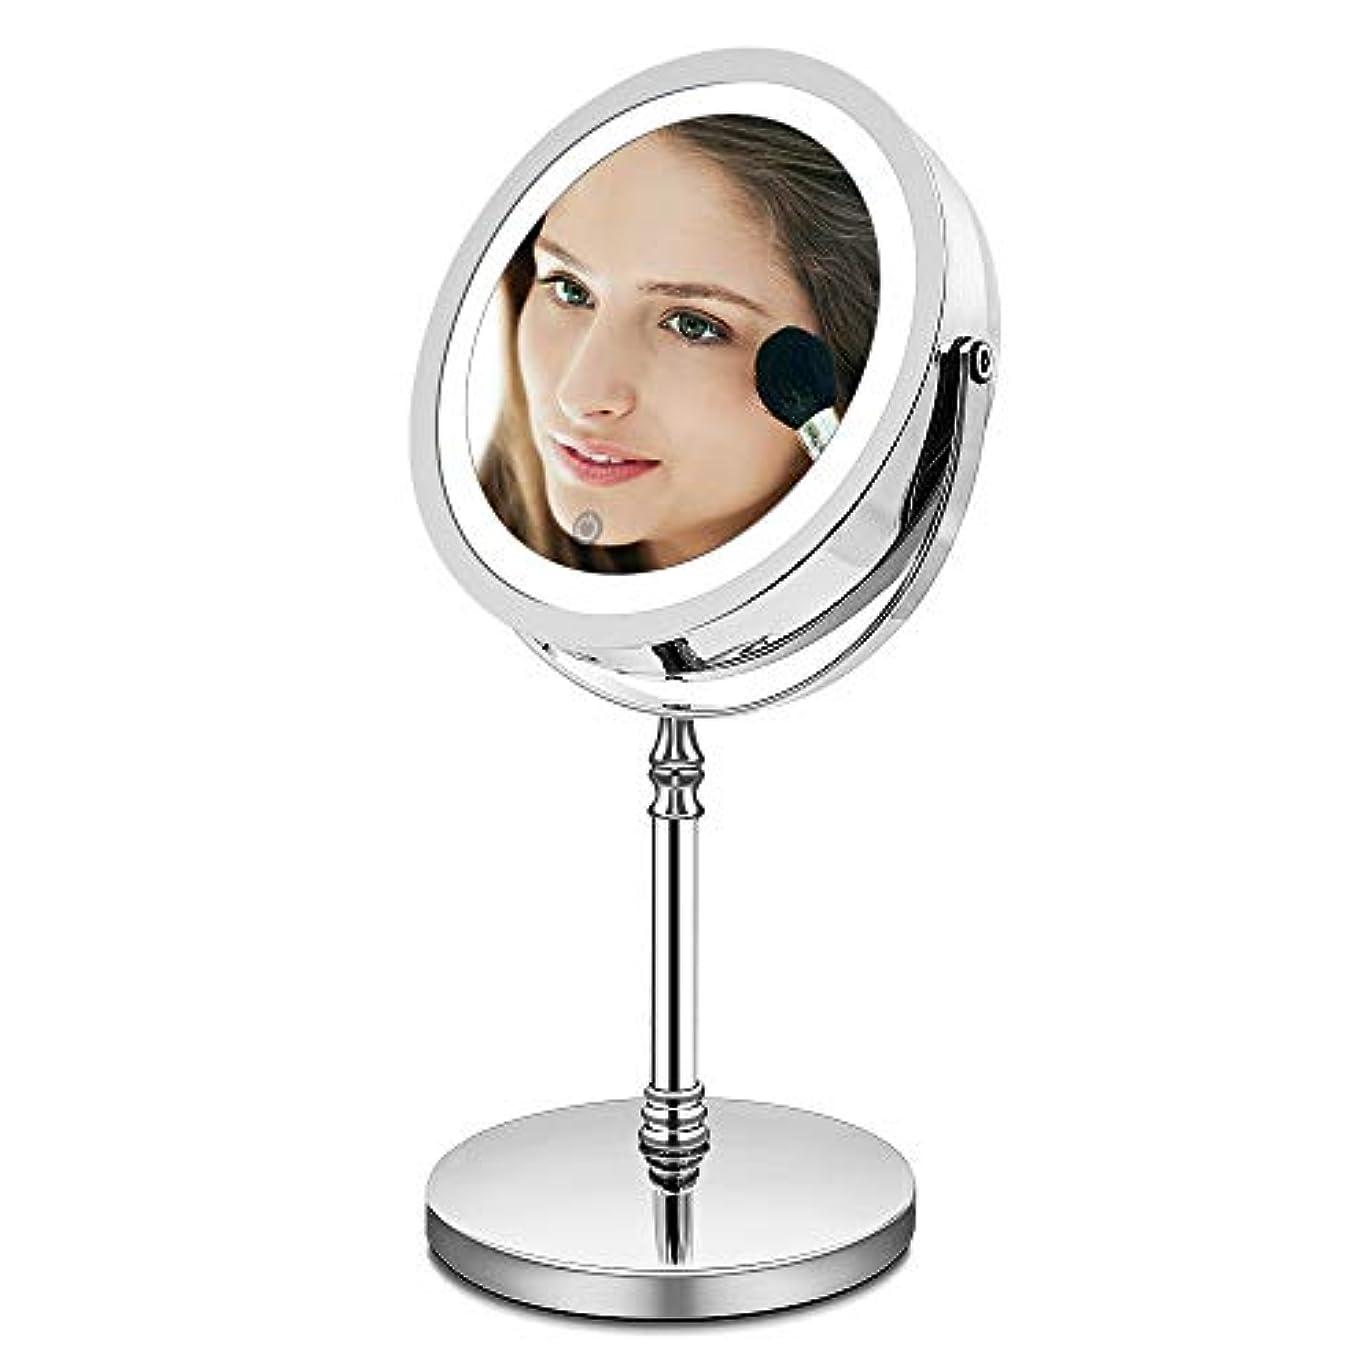 耐えるスナップに対応するAMZTOLIFE 10倍拡大鏡+等倍鏡 化粧鏡 ライト付き 卓上鏡 ミラー 鏡 化粧ミラー メイクアップミラー スタンドミラー 360度回転 明るさ調節 日本語取扱説明書付き (タイチー)